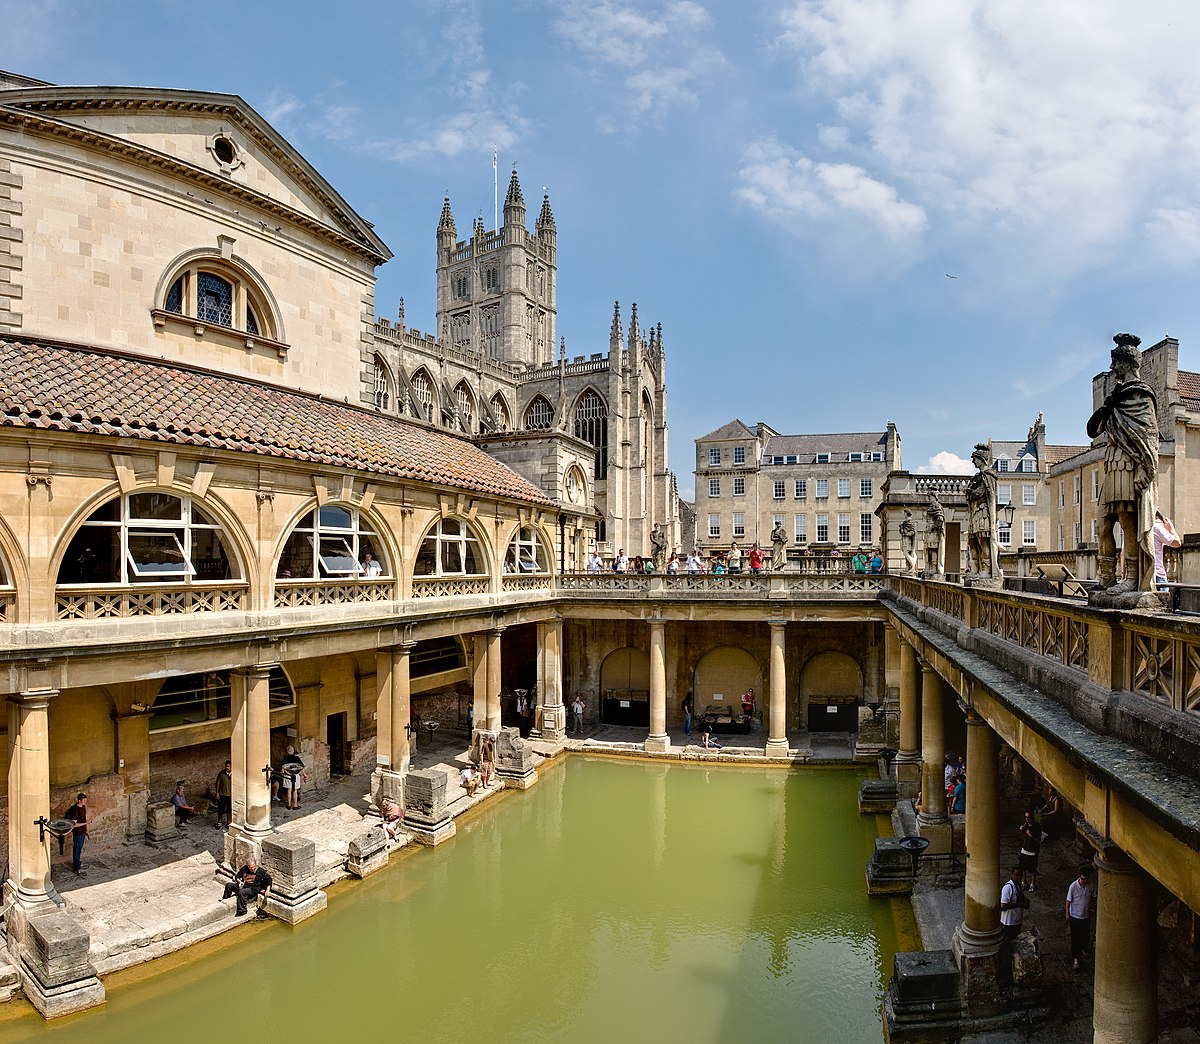 緑色の水をたたえた矩形の領域を黄色の石造りの建物の柱が囲んでいる浴場の写真。背後に見えるのは修道院の塔。